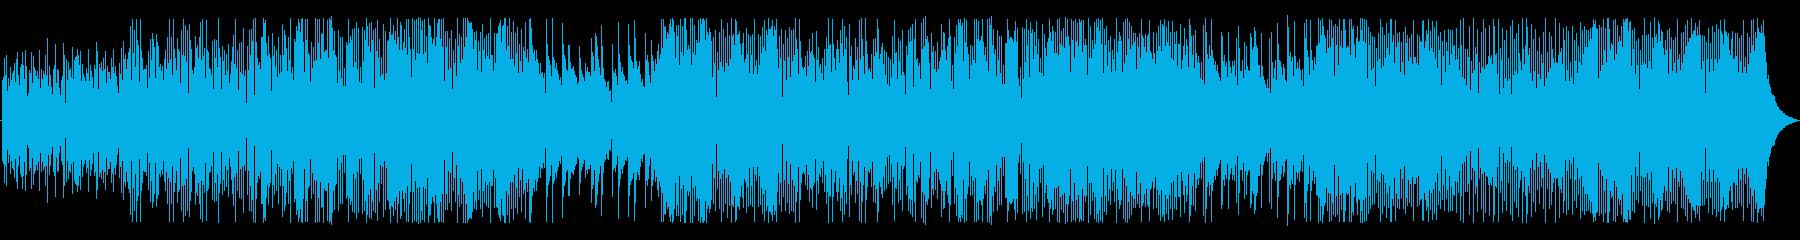 ゆったりとしたグルーヴにエレキギタ...の再生済みの波形